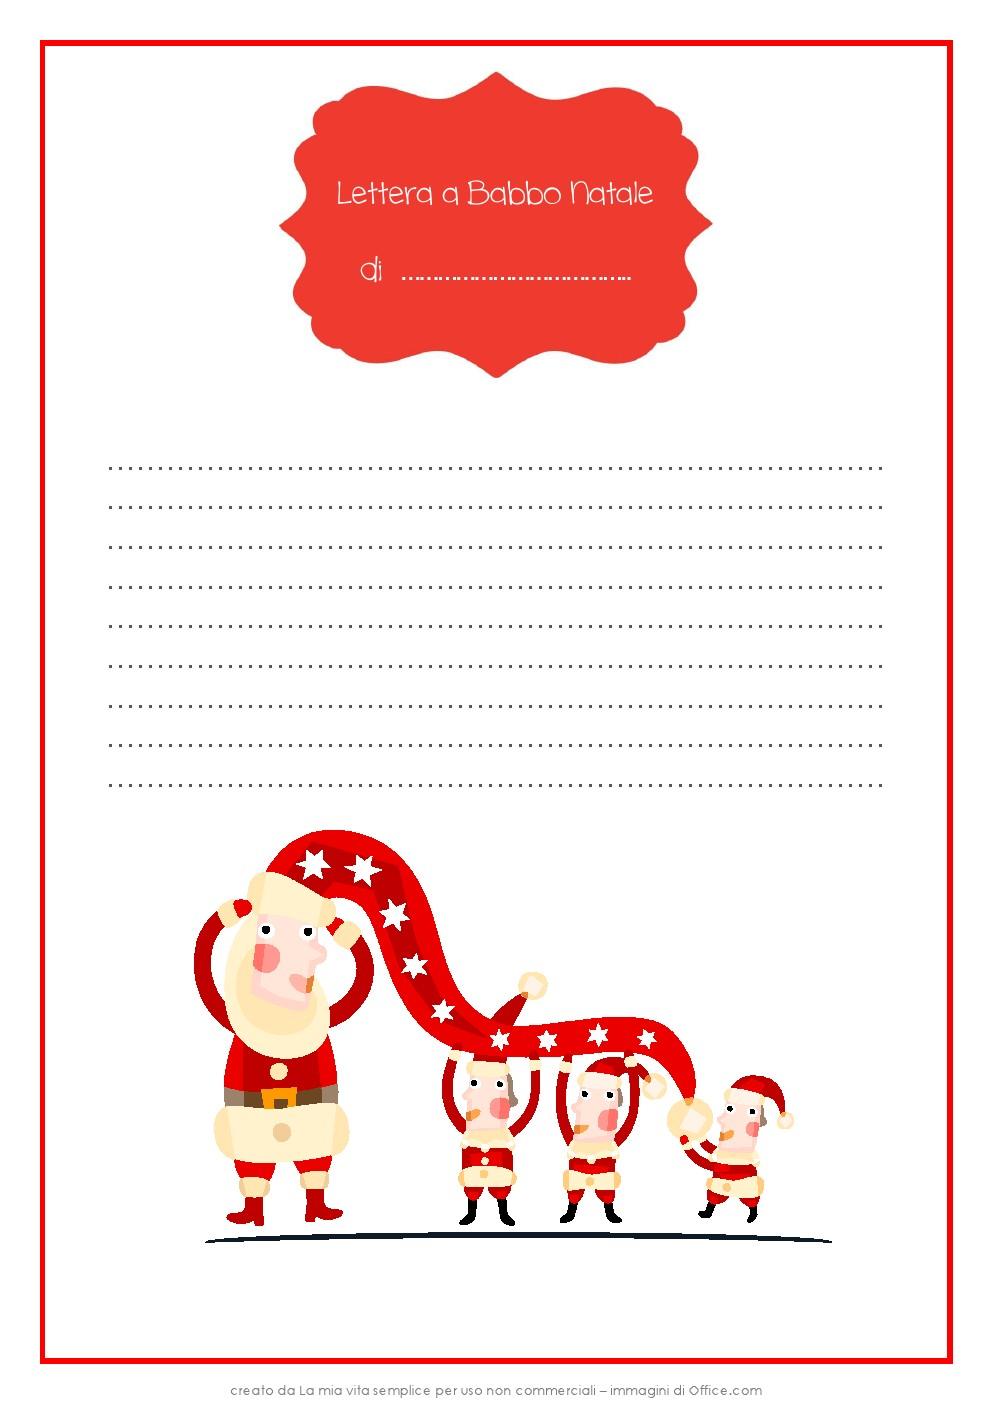 Immagini Di Lettere Per Babbo Natale.Lettera A Babbo Natale Scinardo It